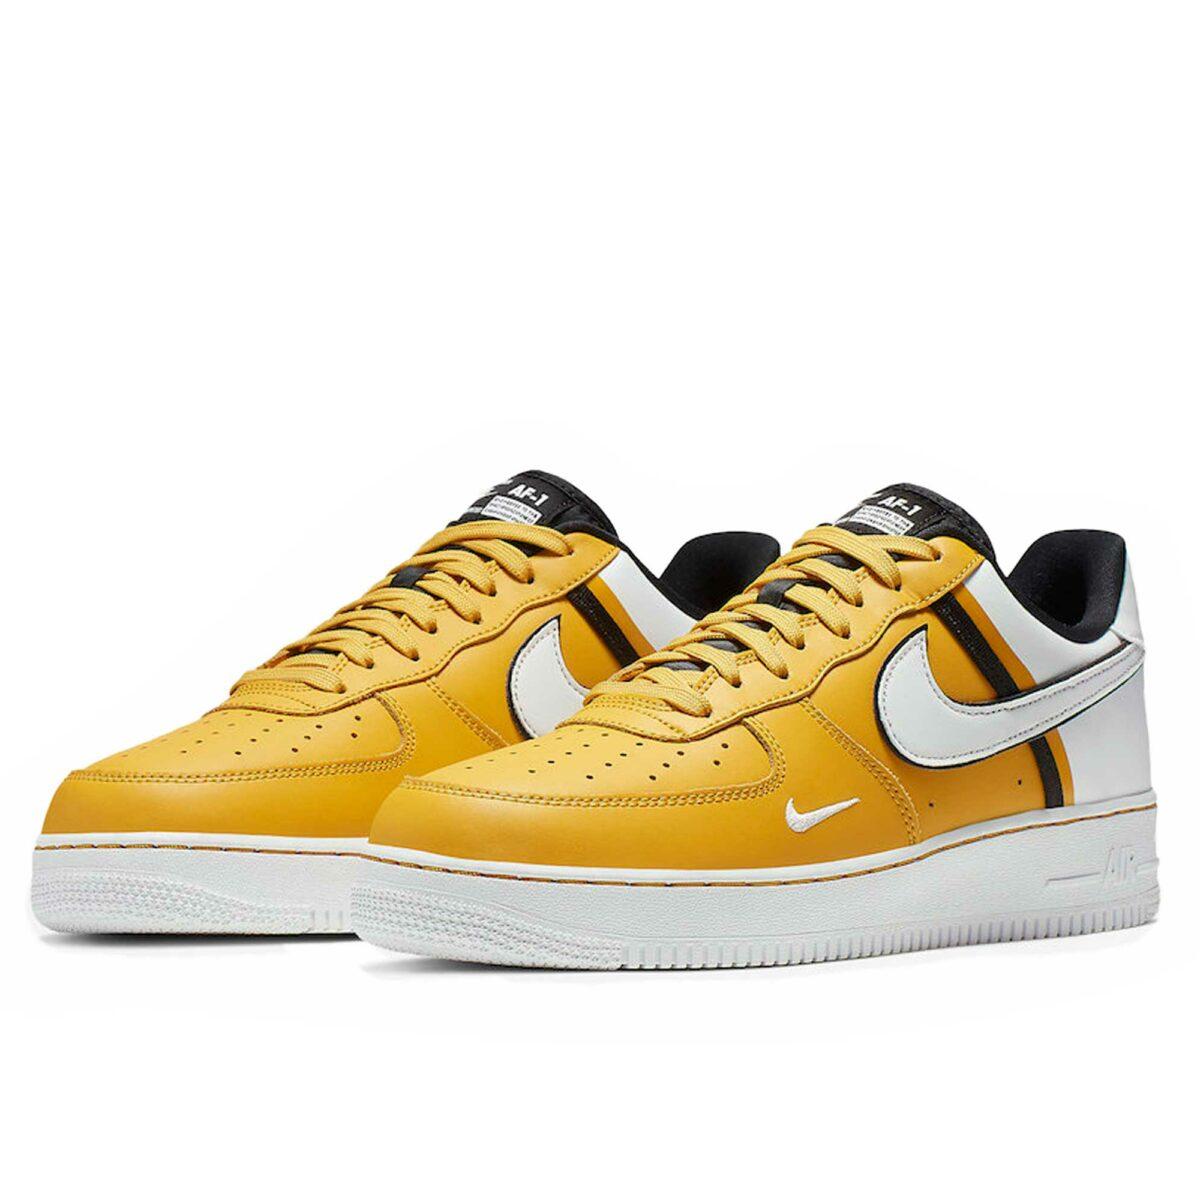 nike air force 1 lv 8 yellow white CI0061_700 купить